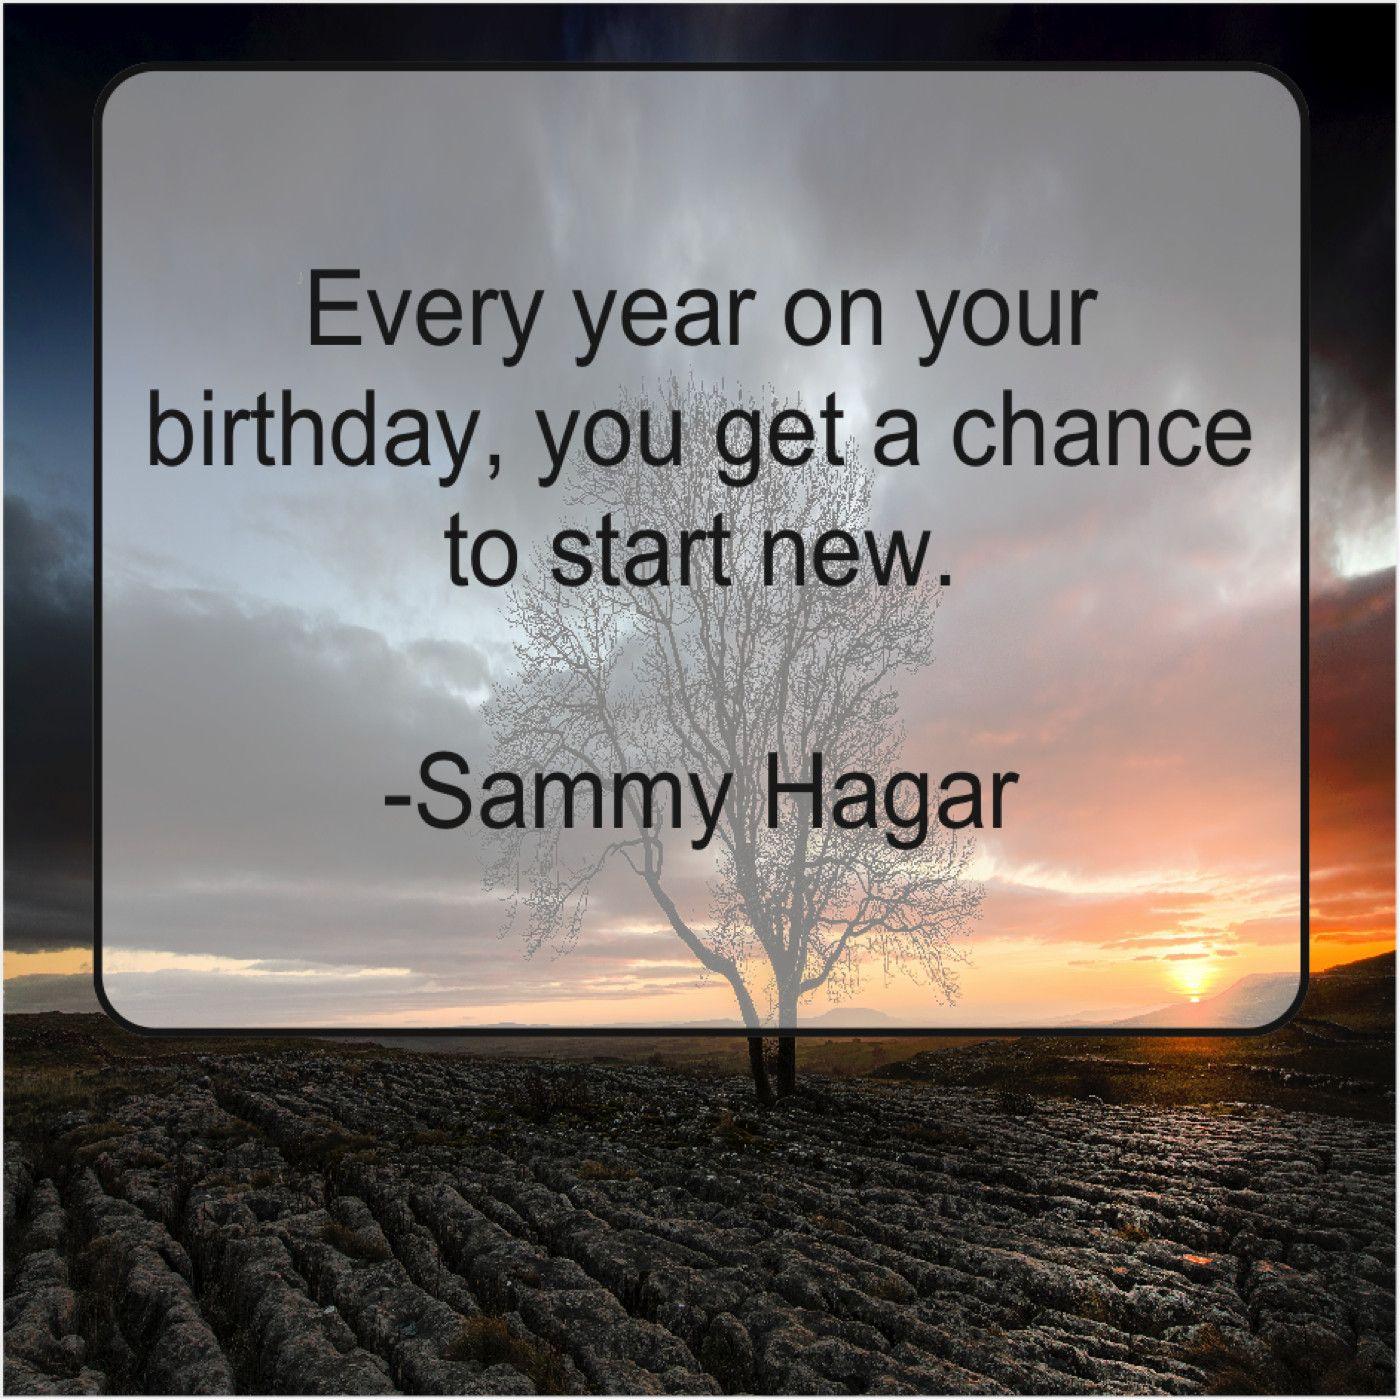 Sammy Hagar Every Year On Your Birthday Sammy Hagar Pablo Picasso Art Picasso Art